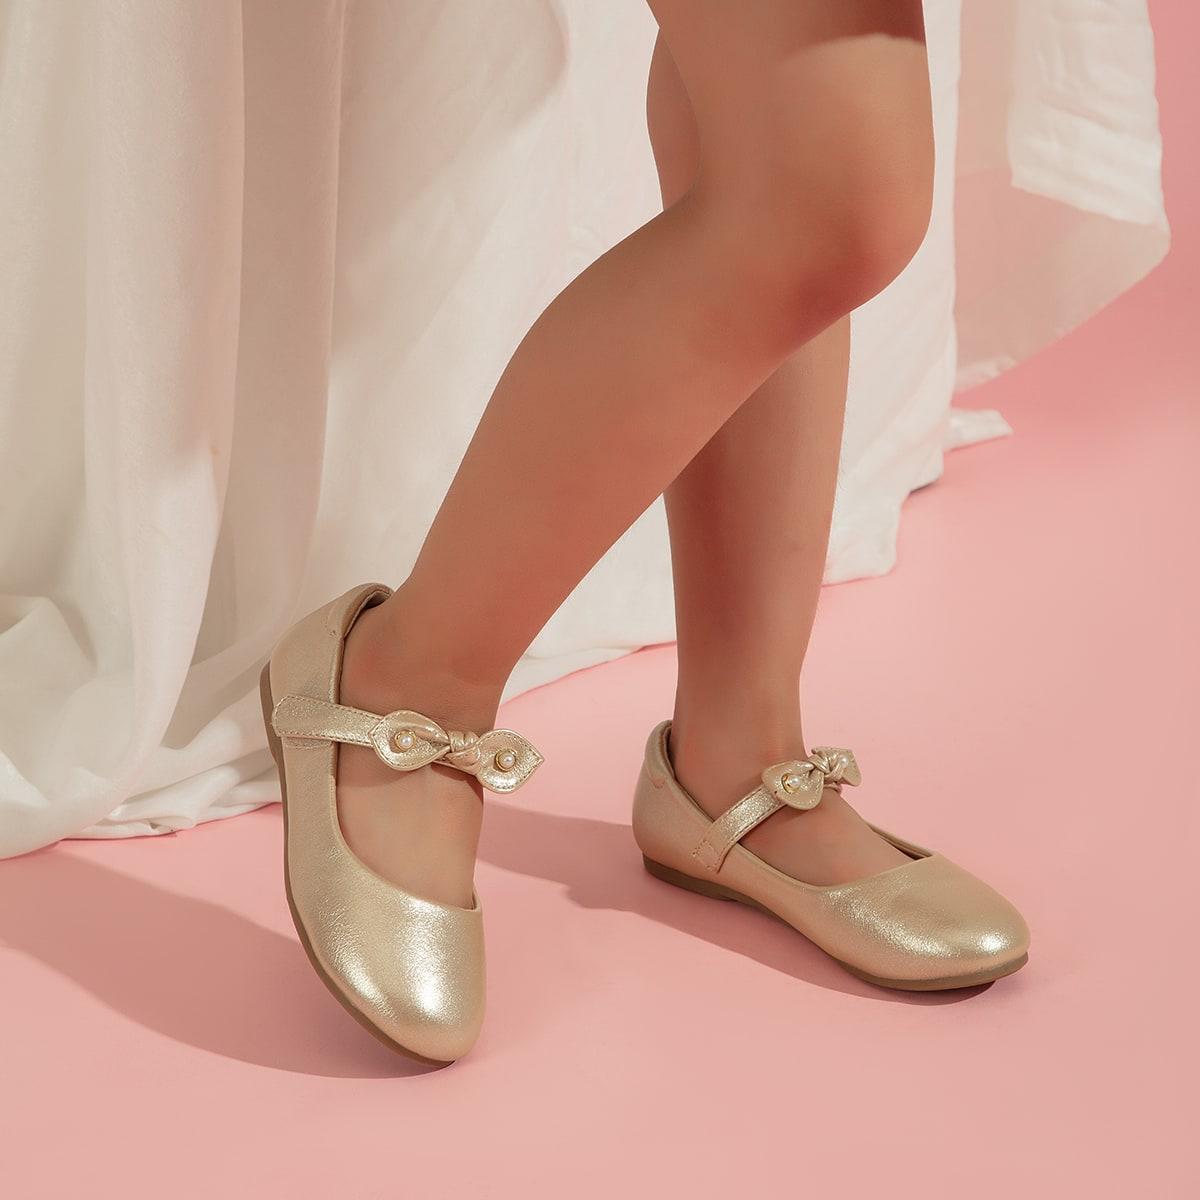 для девочек Балетки металлический с бантом SheIn skshoes25210412521